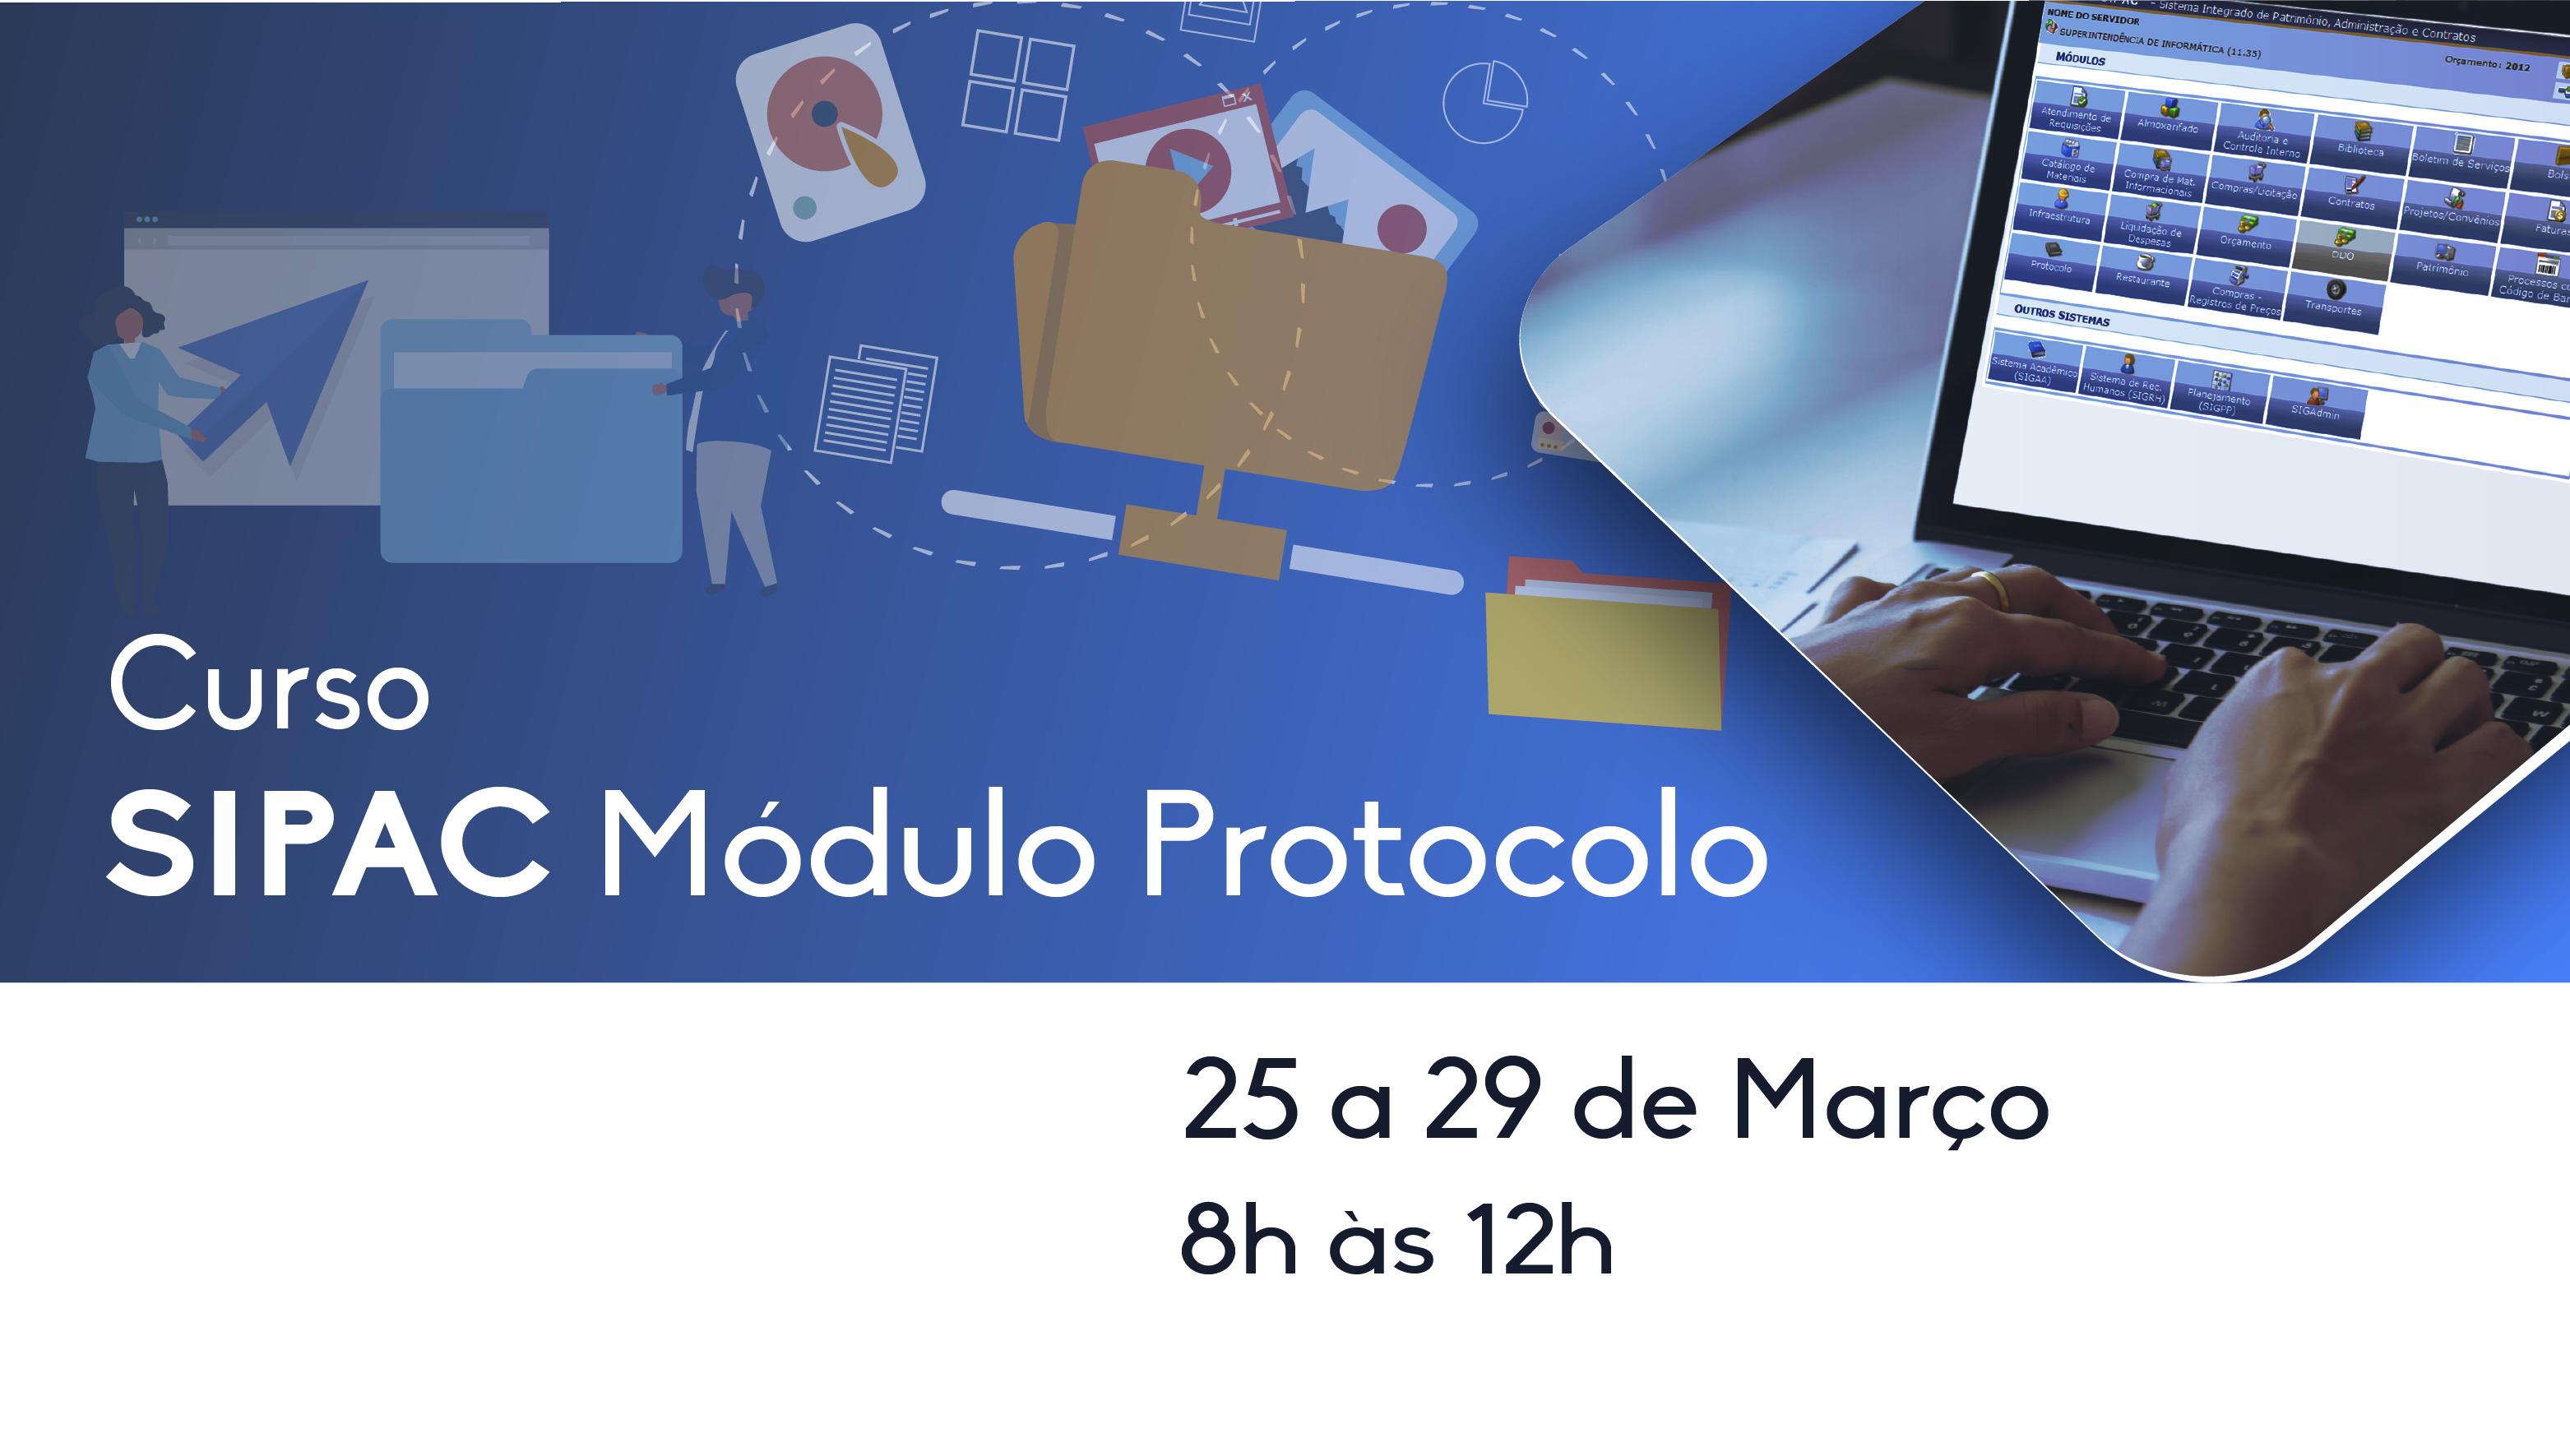 Curso SIPAC - Módulo Protocolo recebe inscrições até o dia 15